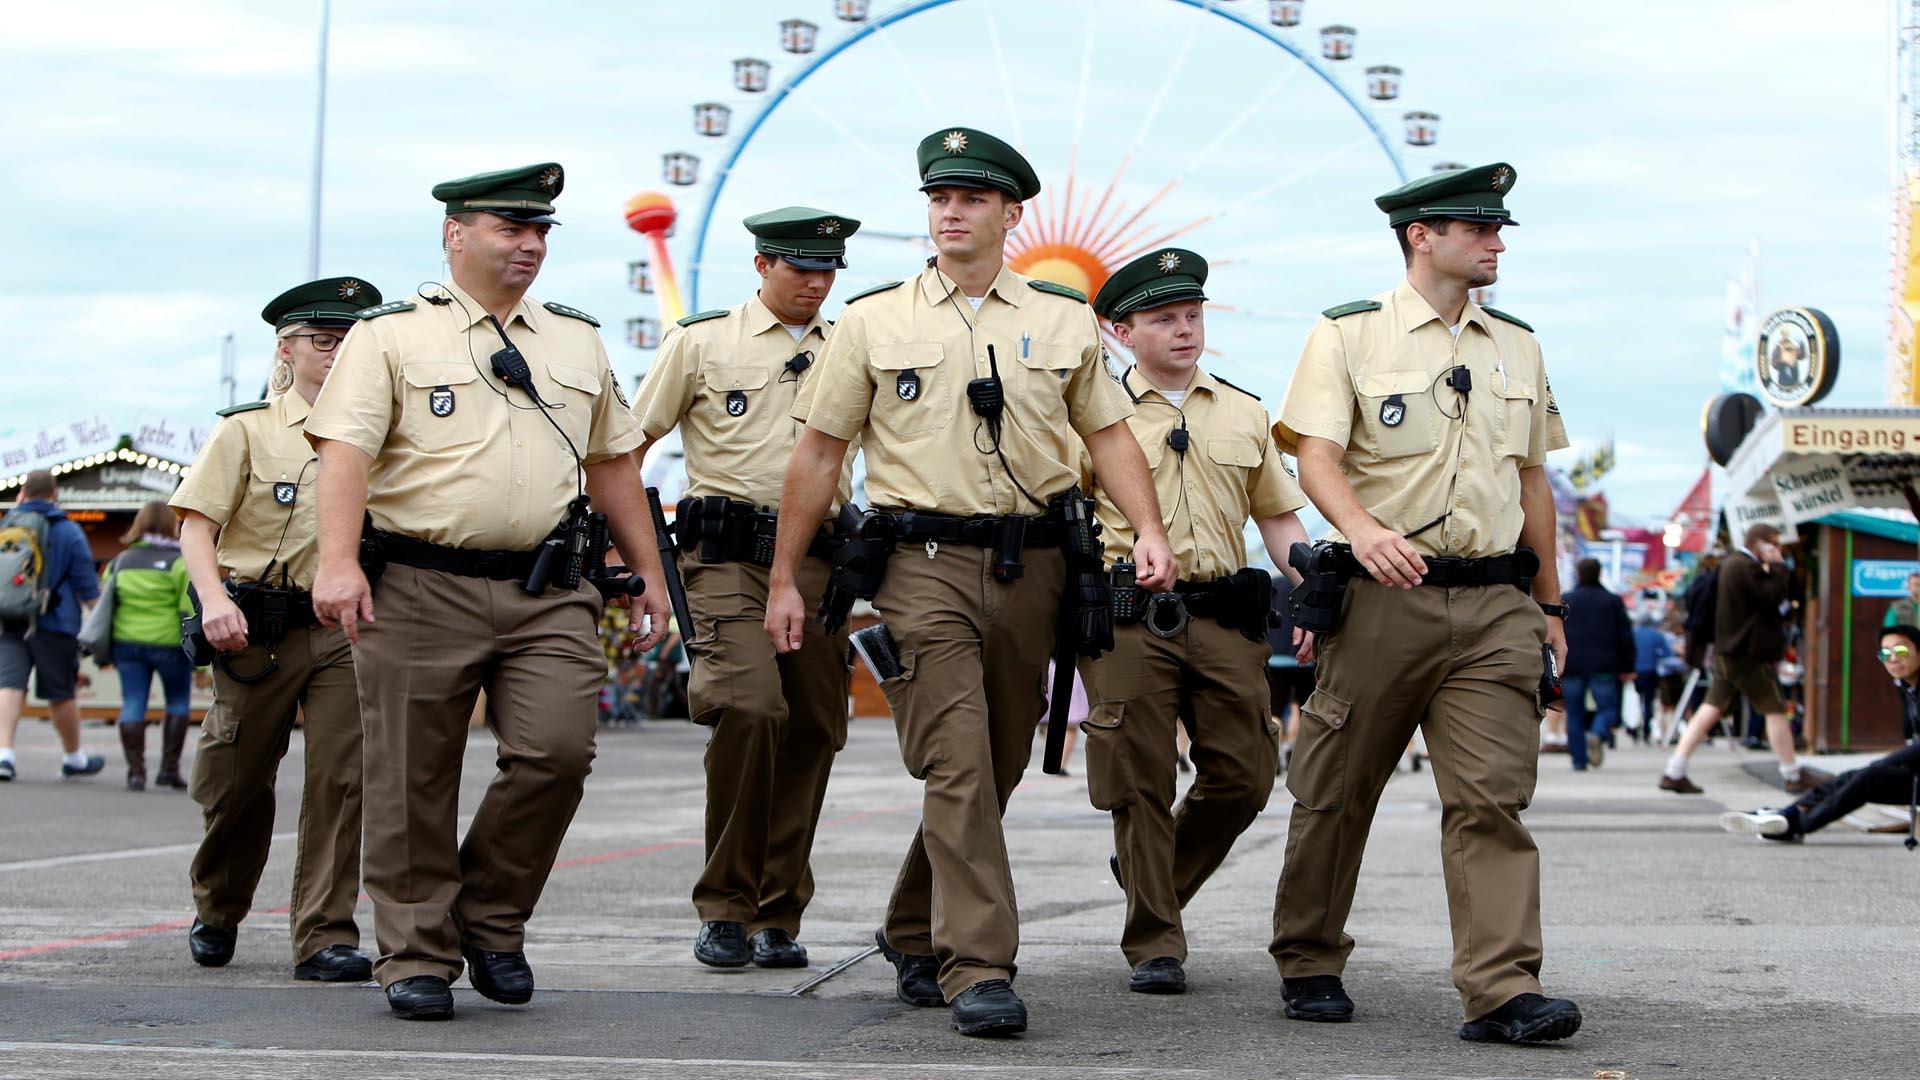 En vista de los recientes ataques terroristas, la capital bávara reforzara la seguridad para el festival de la cerveza